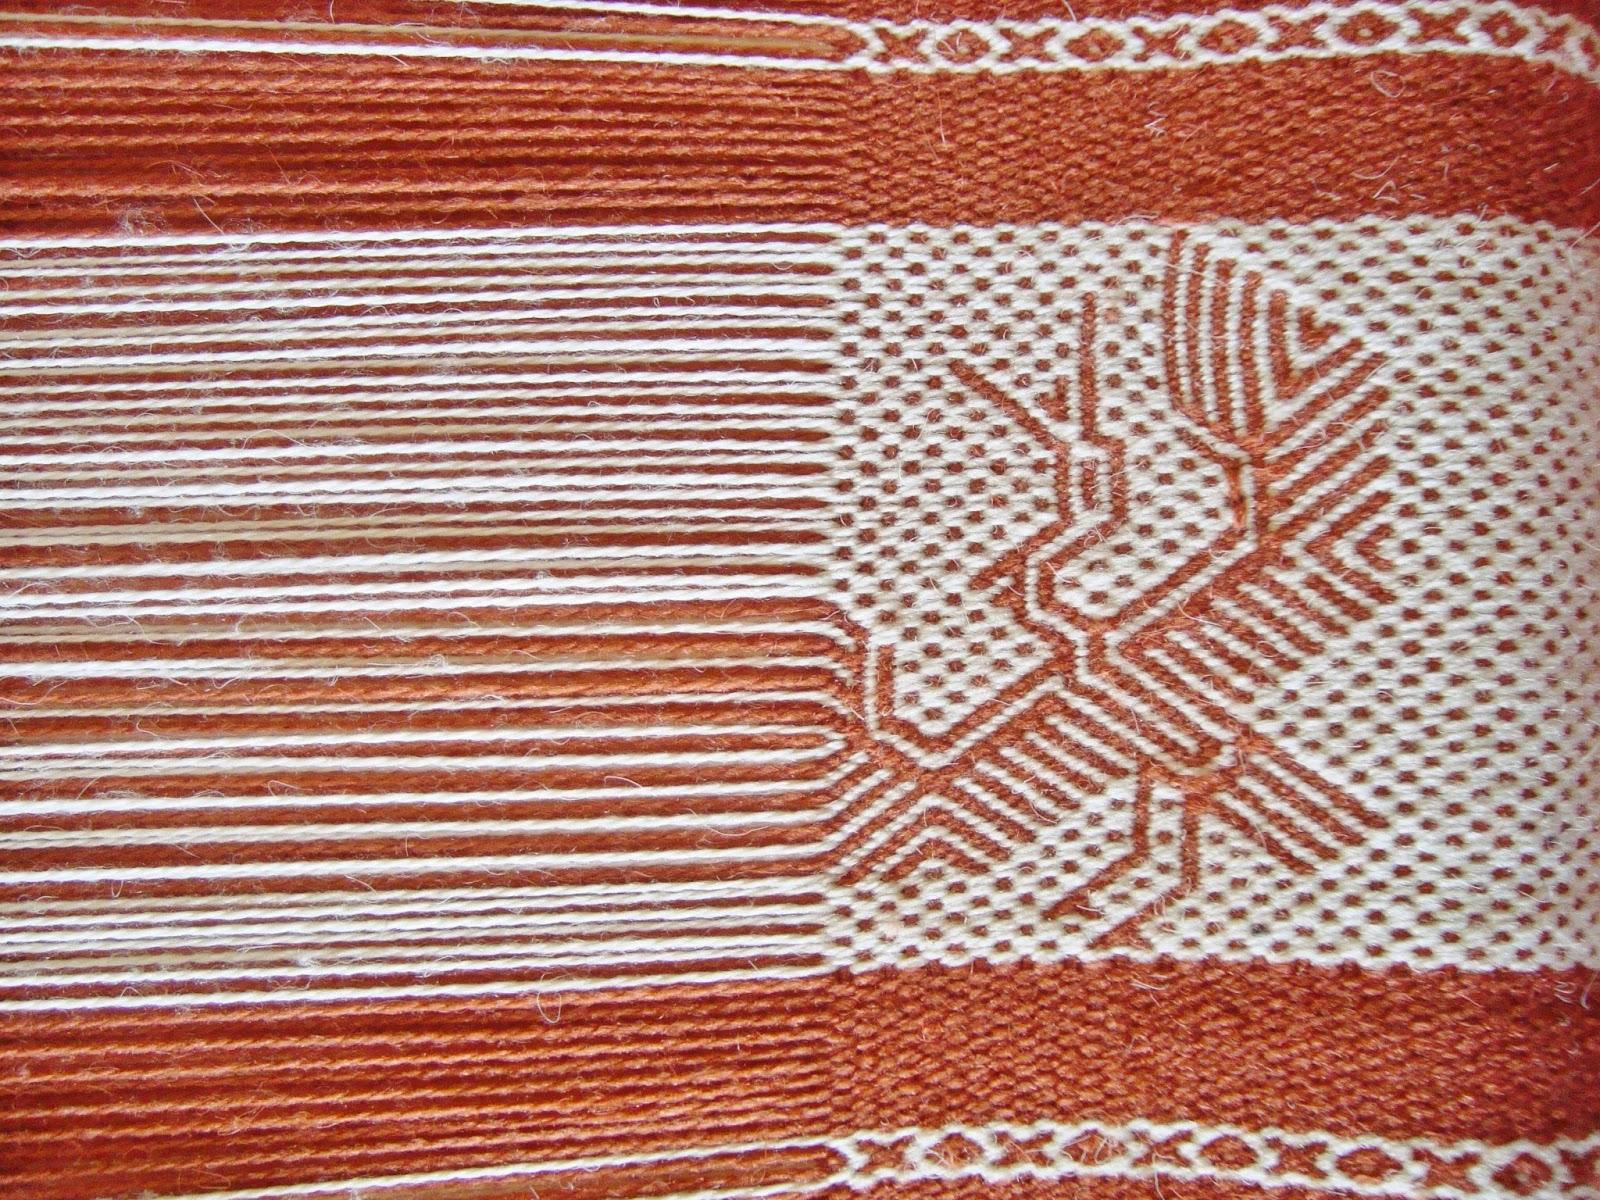 Giosennifer nuovi esperimenti realizzati a mano borsette a tracolla - Telaio da tavolo per tessitura a mano ...